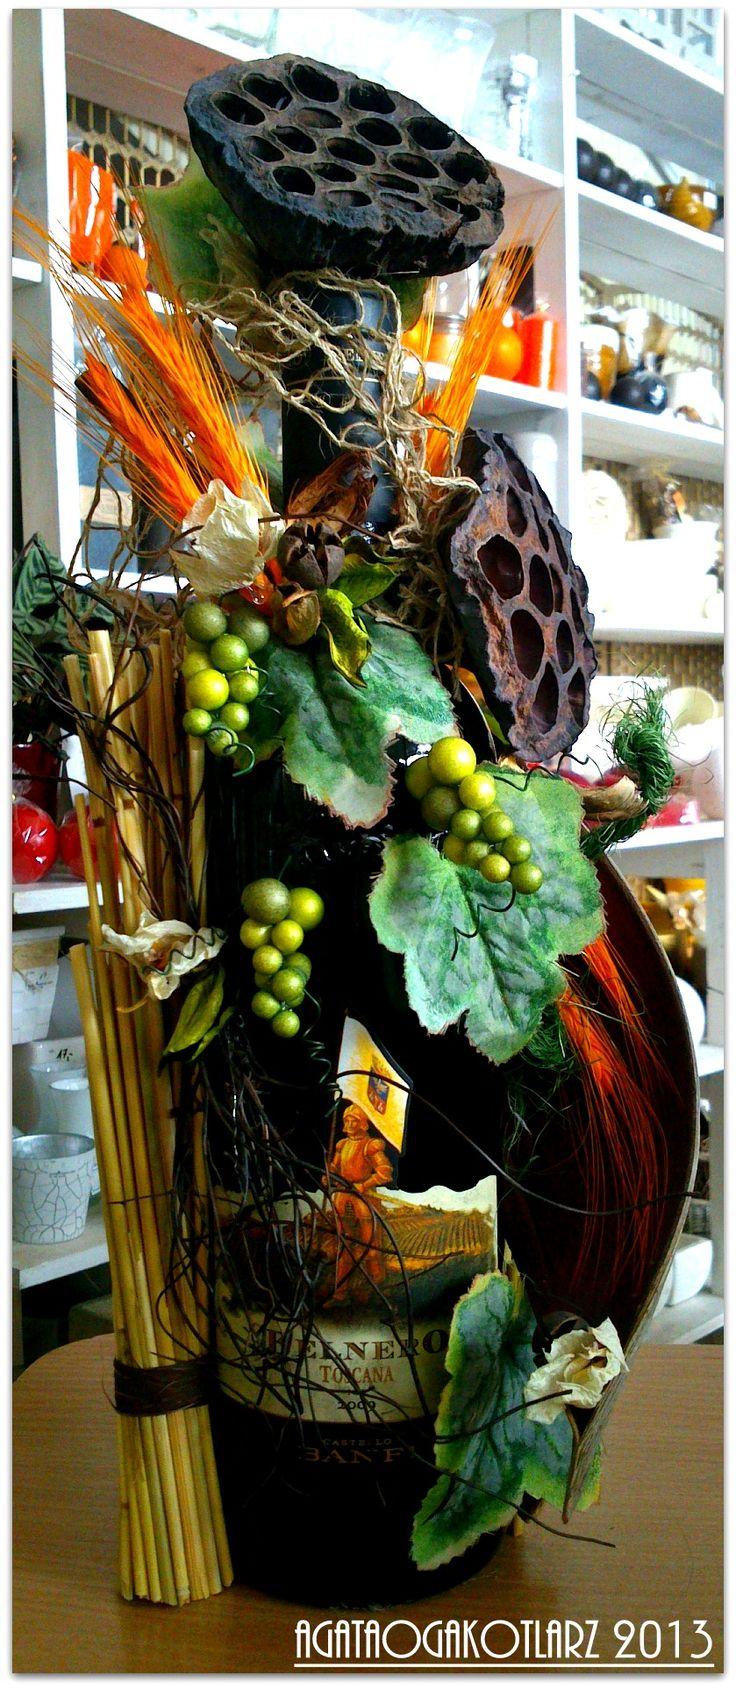 Butelka wina otoczona suszonymi kwiatami,owocami,sztucznymi liśćmi,maleńkim winogrono oraz słomą.